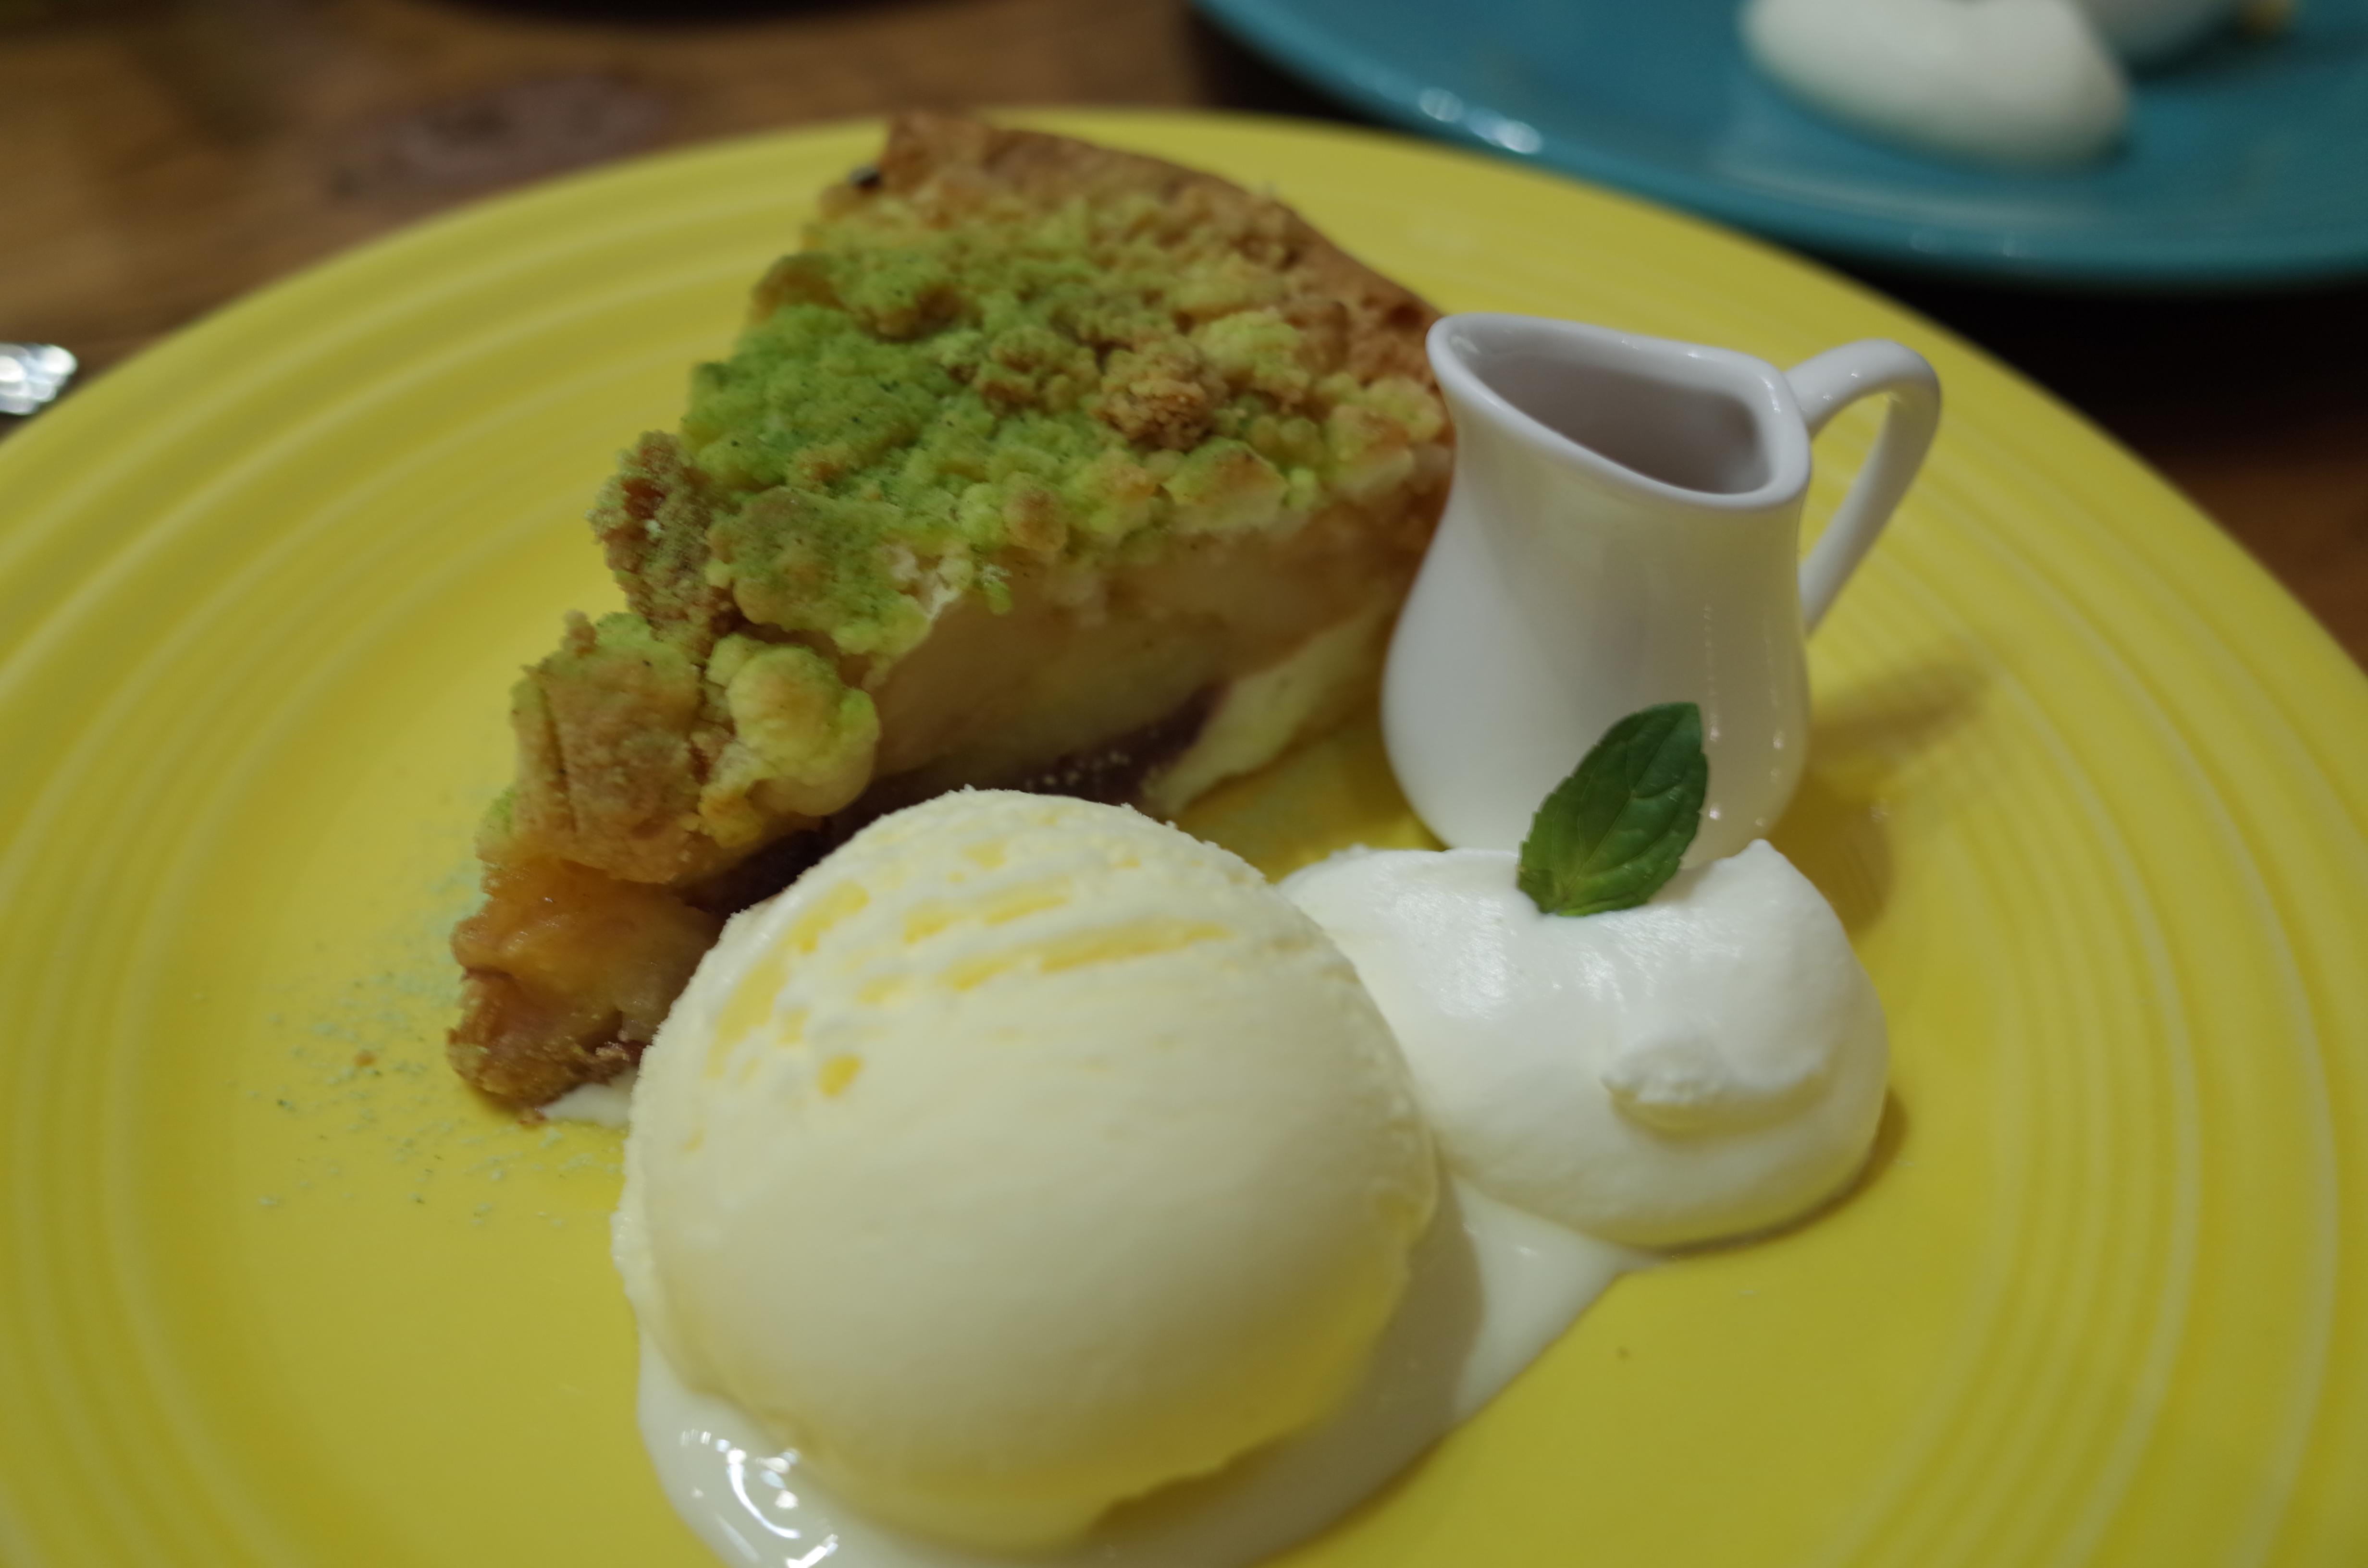 銀座 東急プラザ グラニースミスでアップルパイを食べてきた!